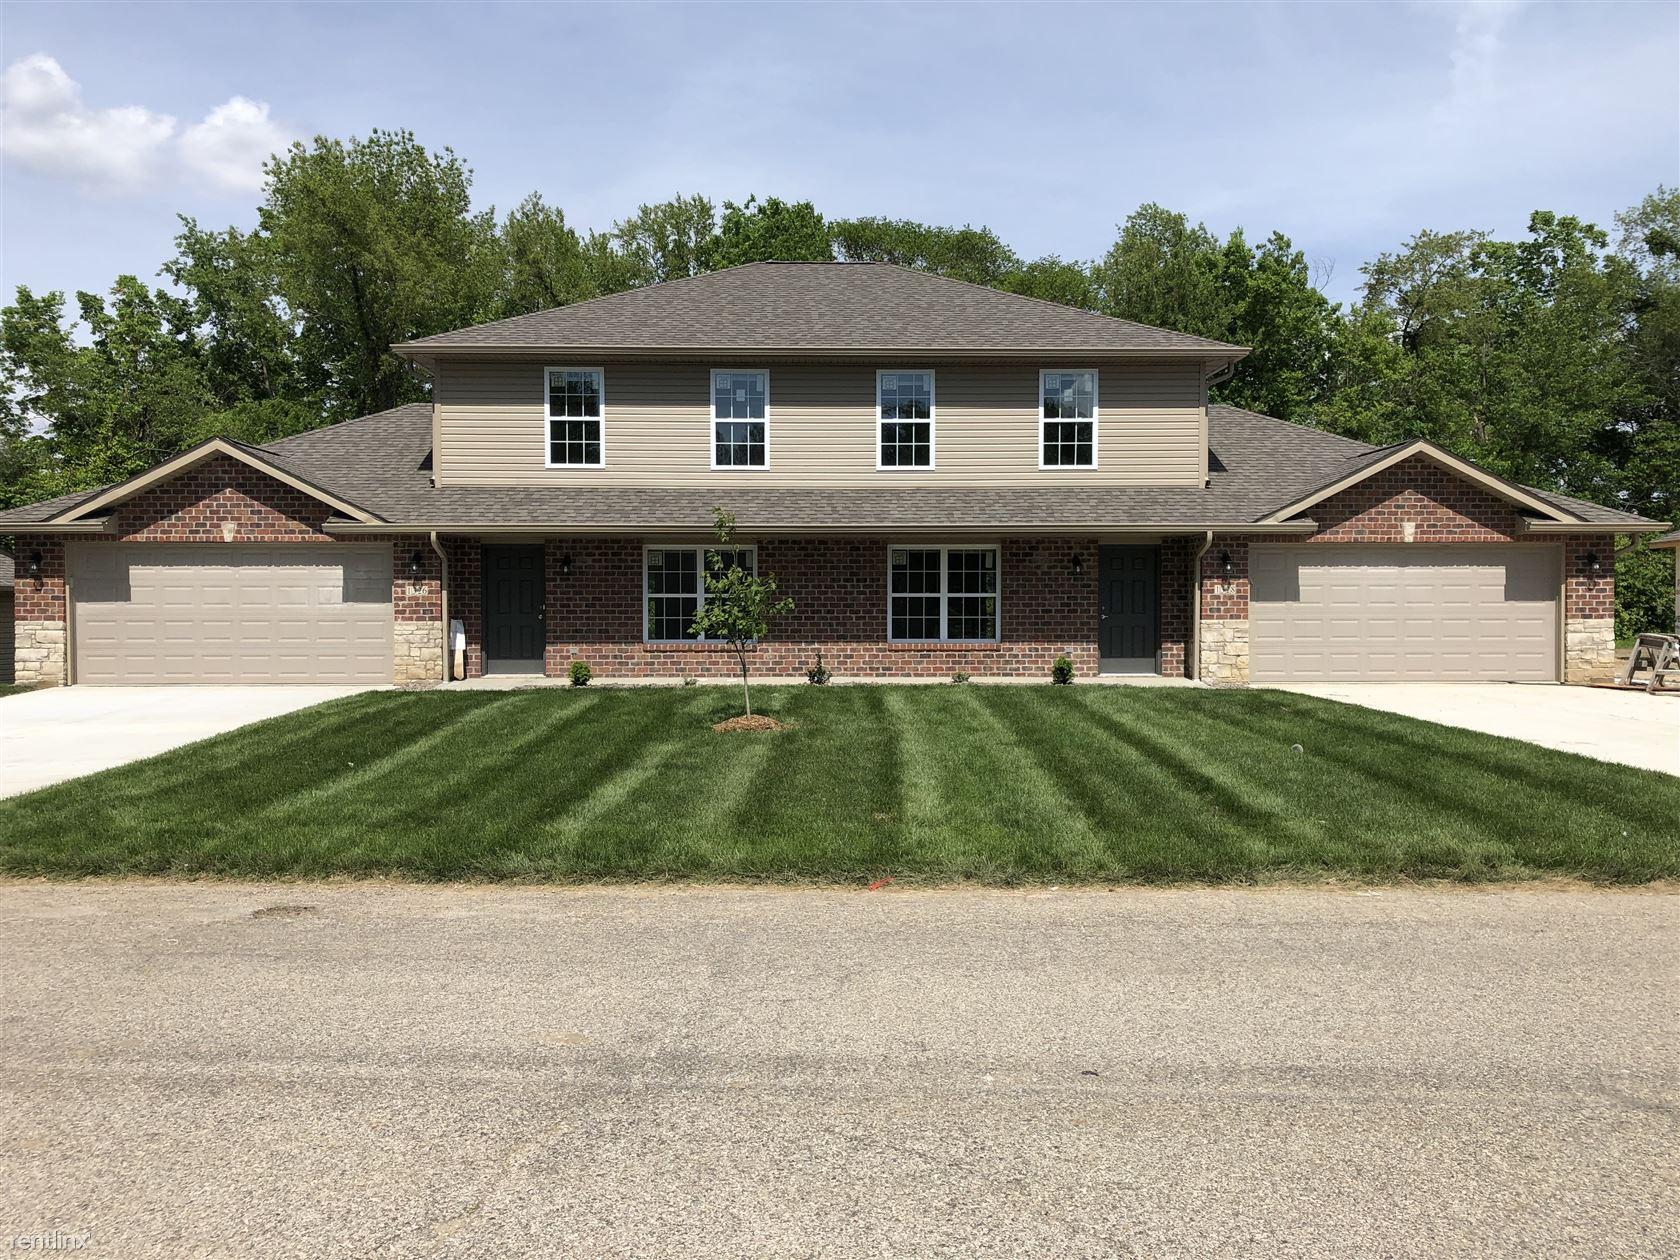 1326 Village Circle Dr, Glen Carbon, IL - $1,295